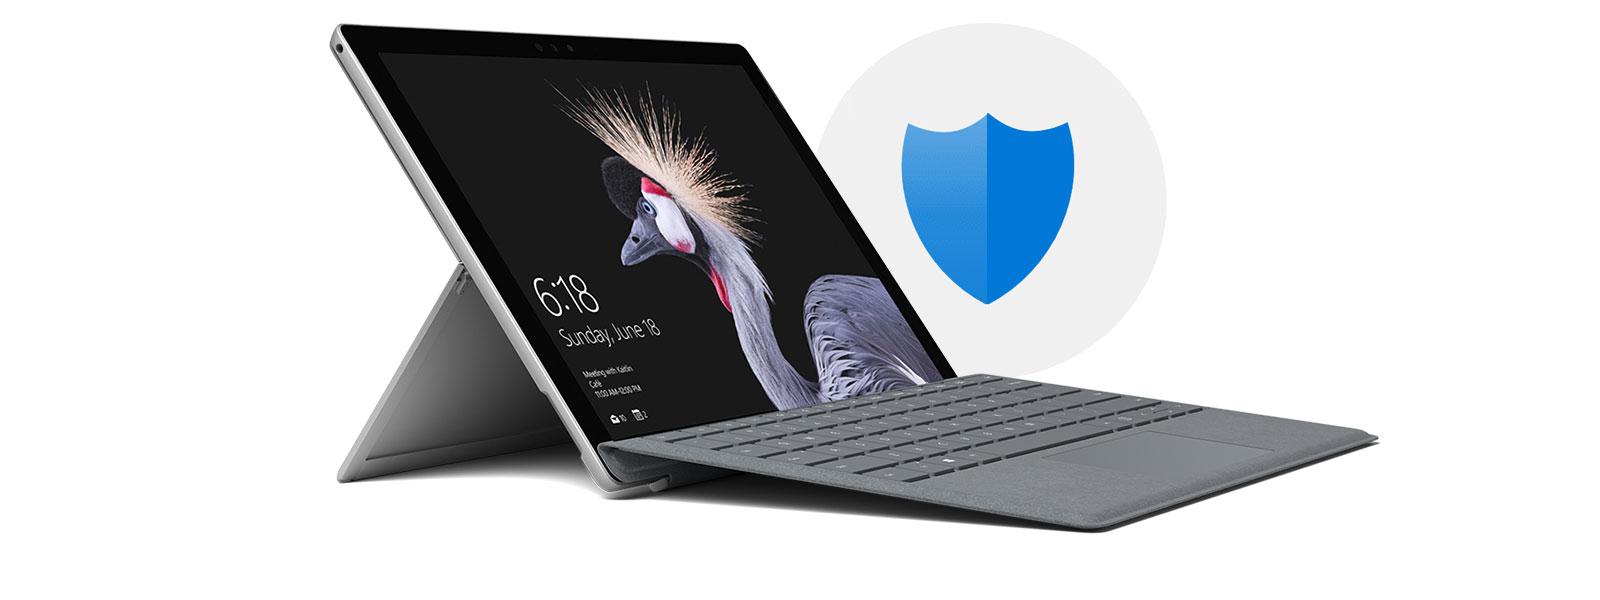 Imagen de Surface Pro y un icono de protección de seguridad en el fondo